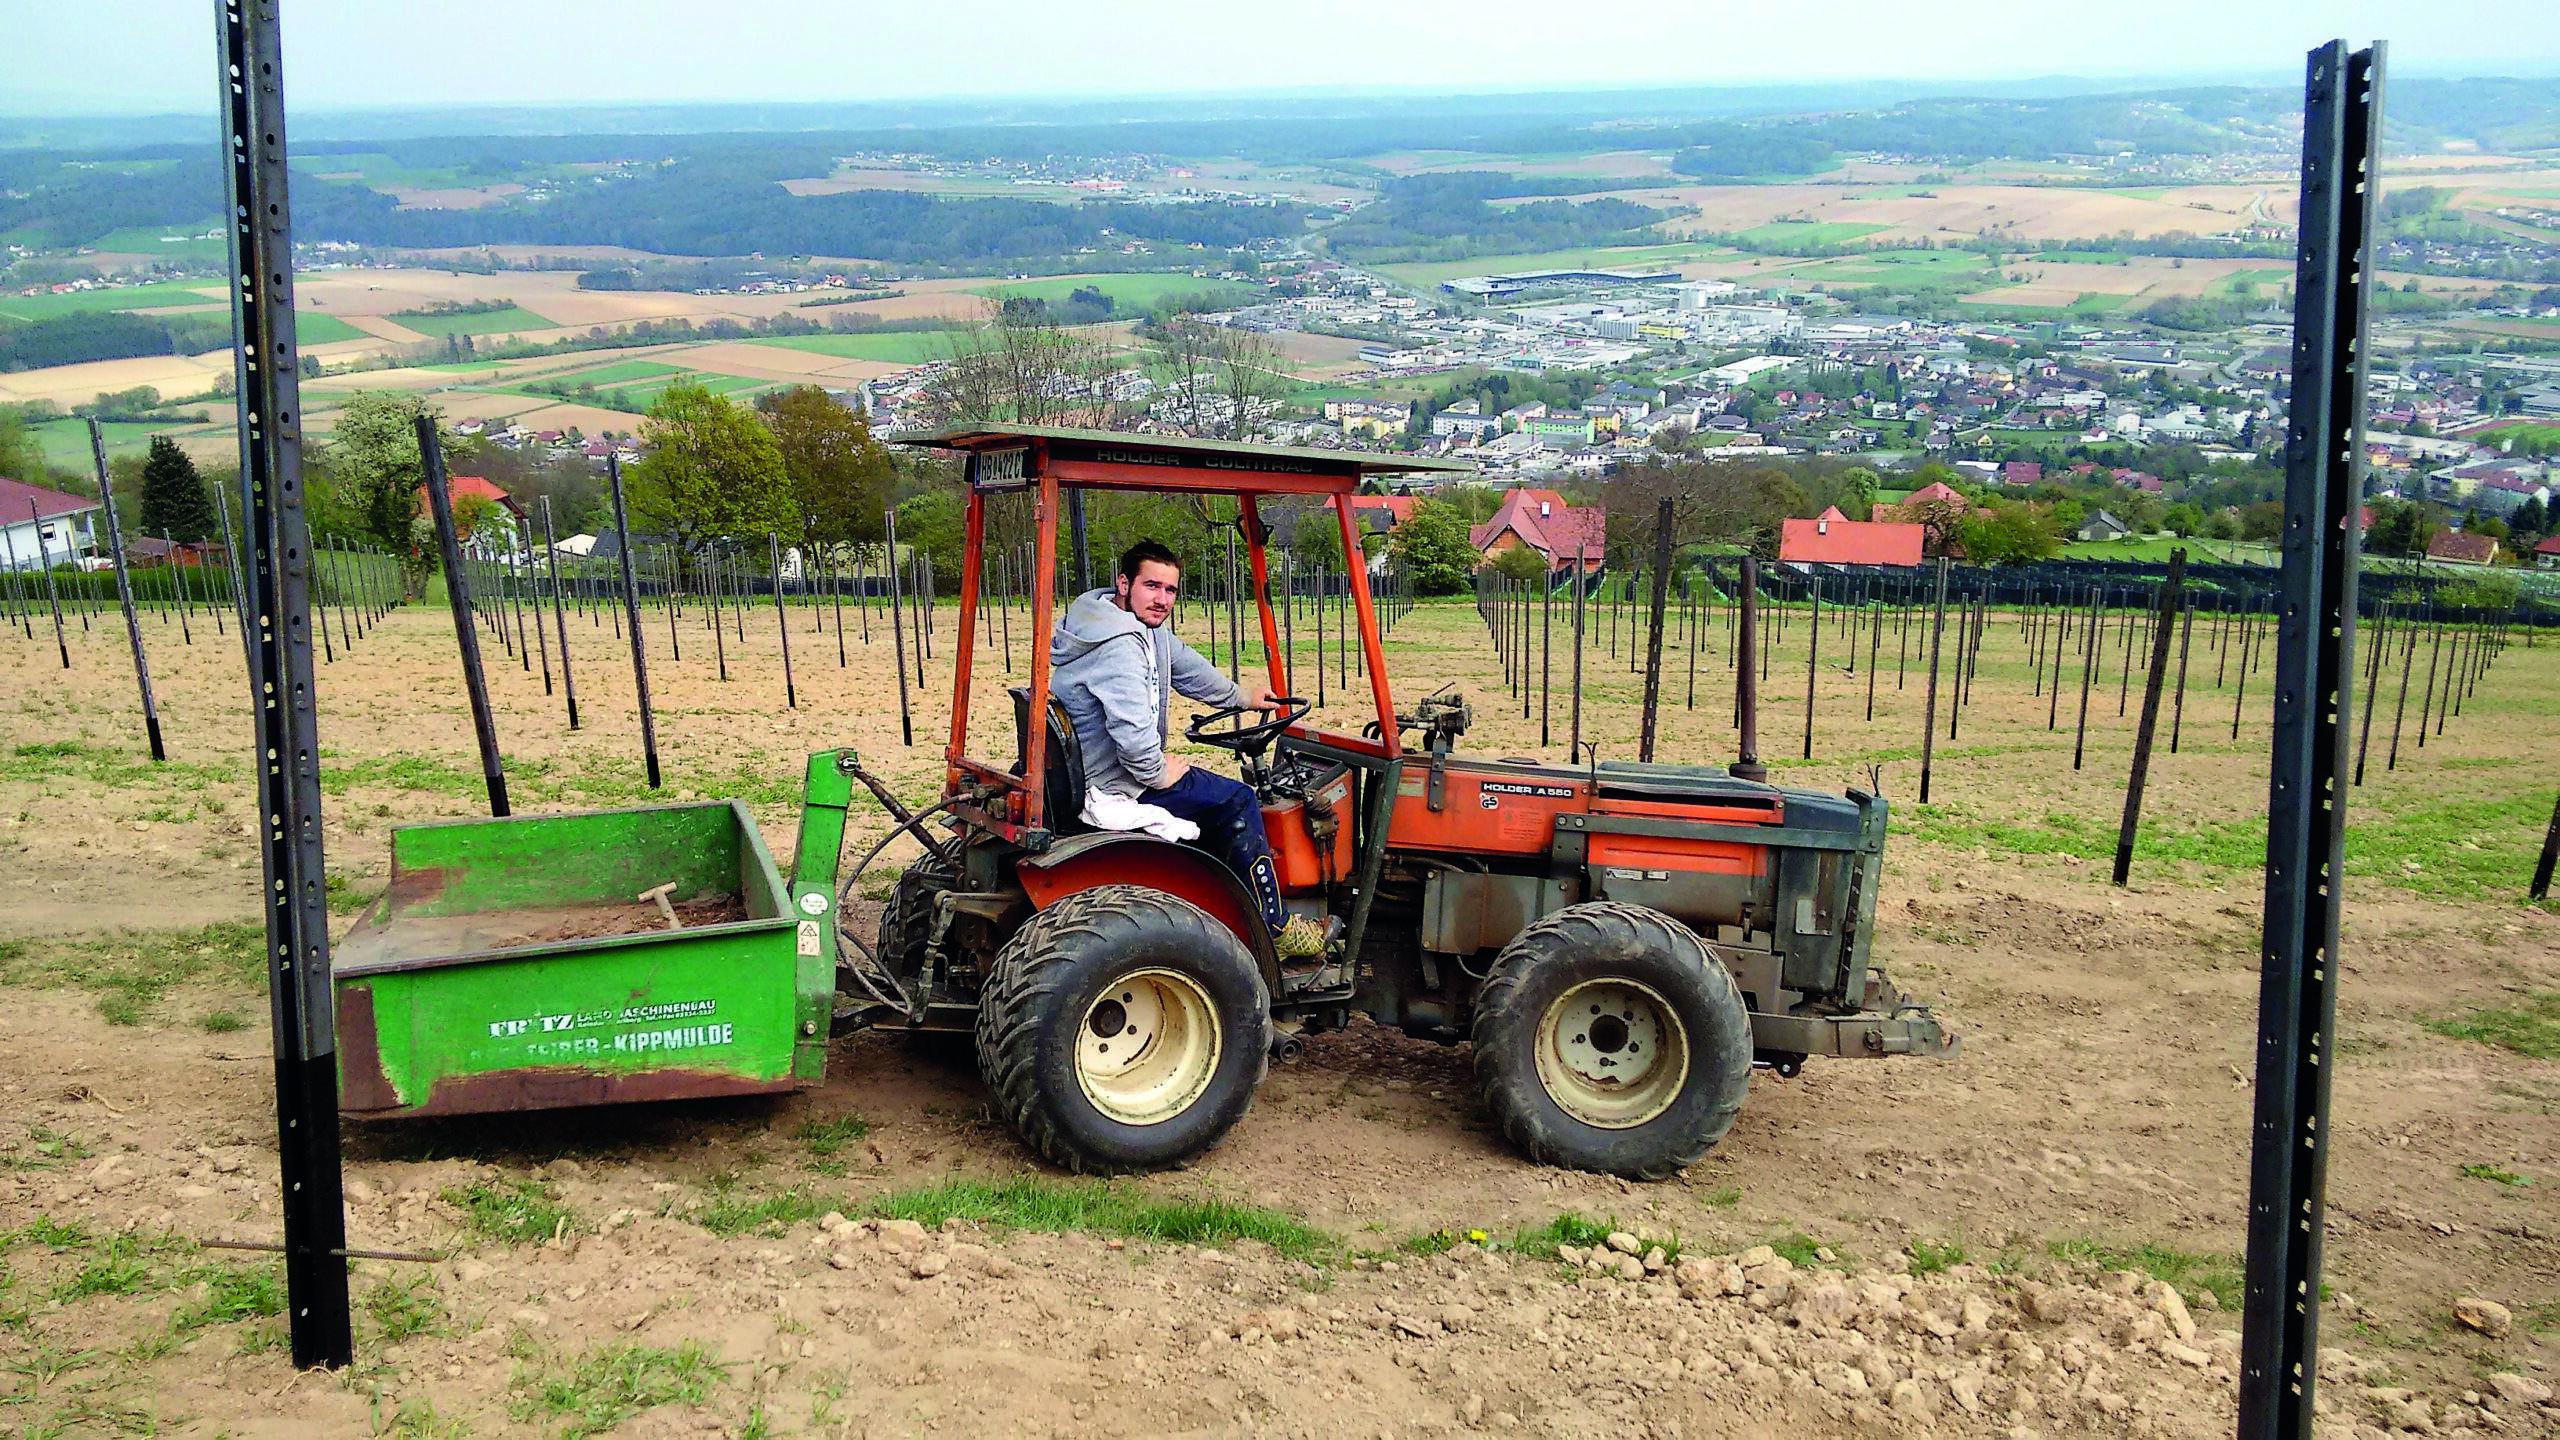 Lukas am Traktor, heute